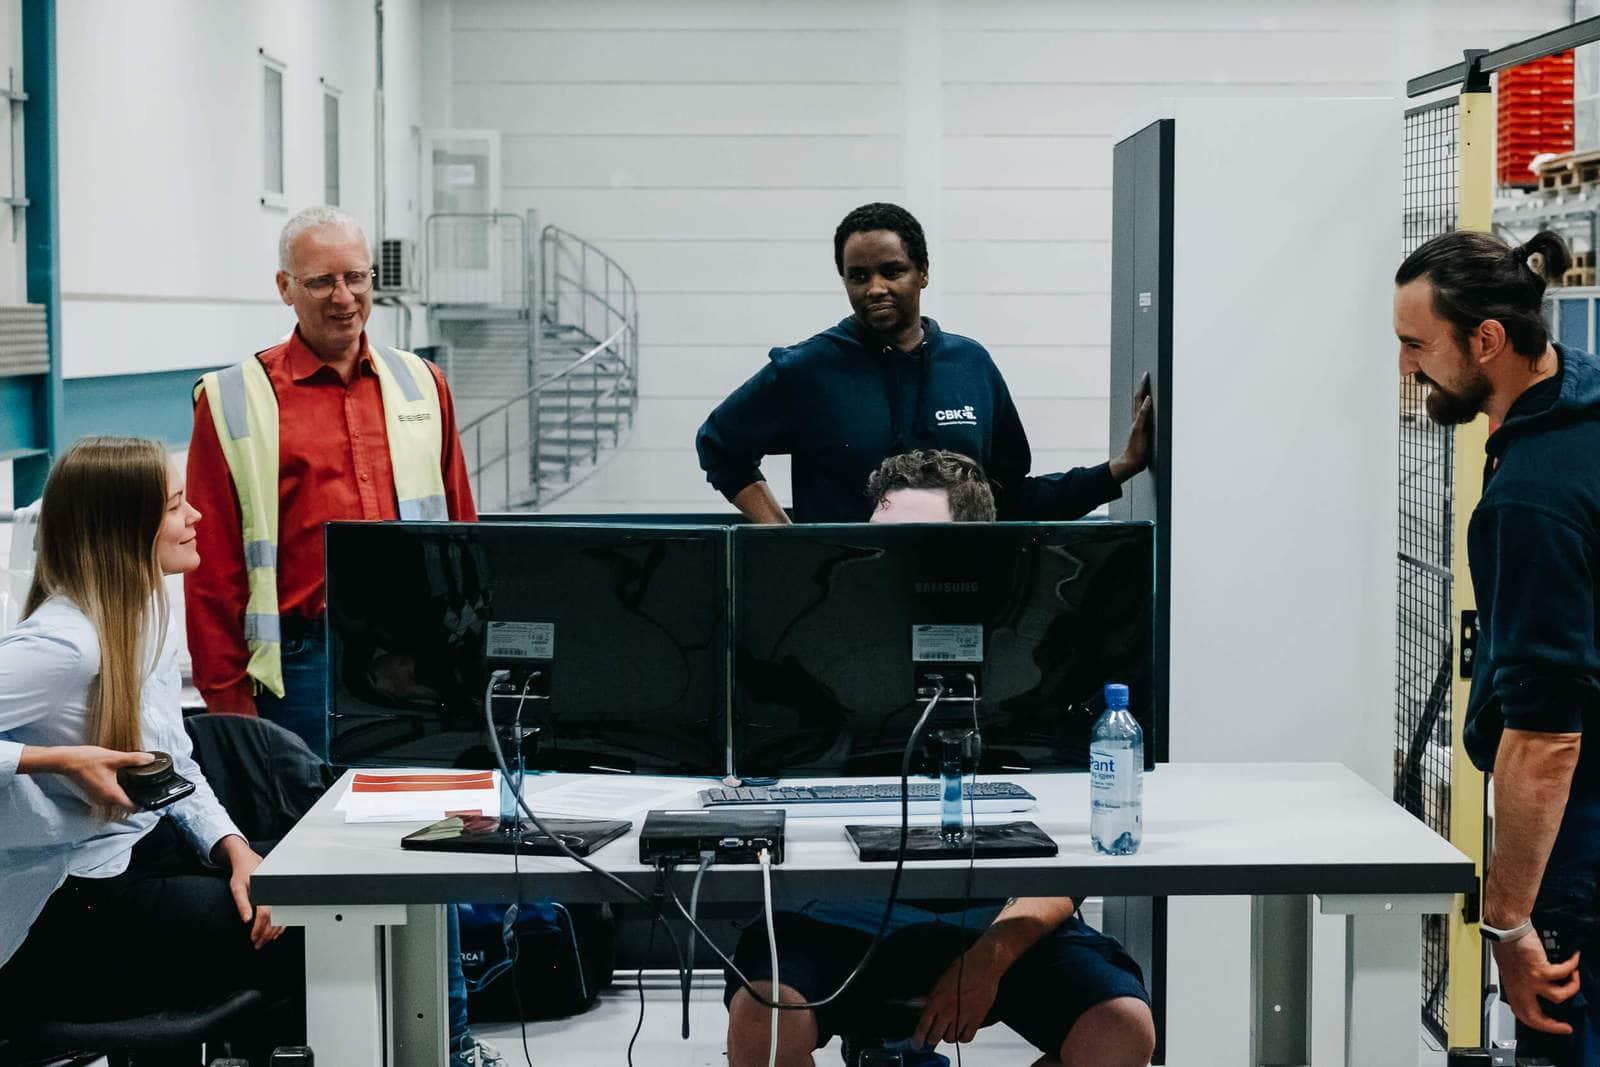 Pięć osób pracuje razem przed komputerem, ucząc się obsługi systemu AutoStore.